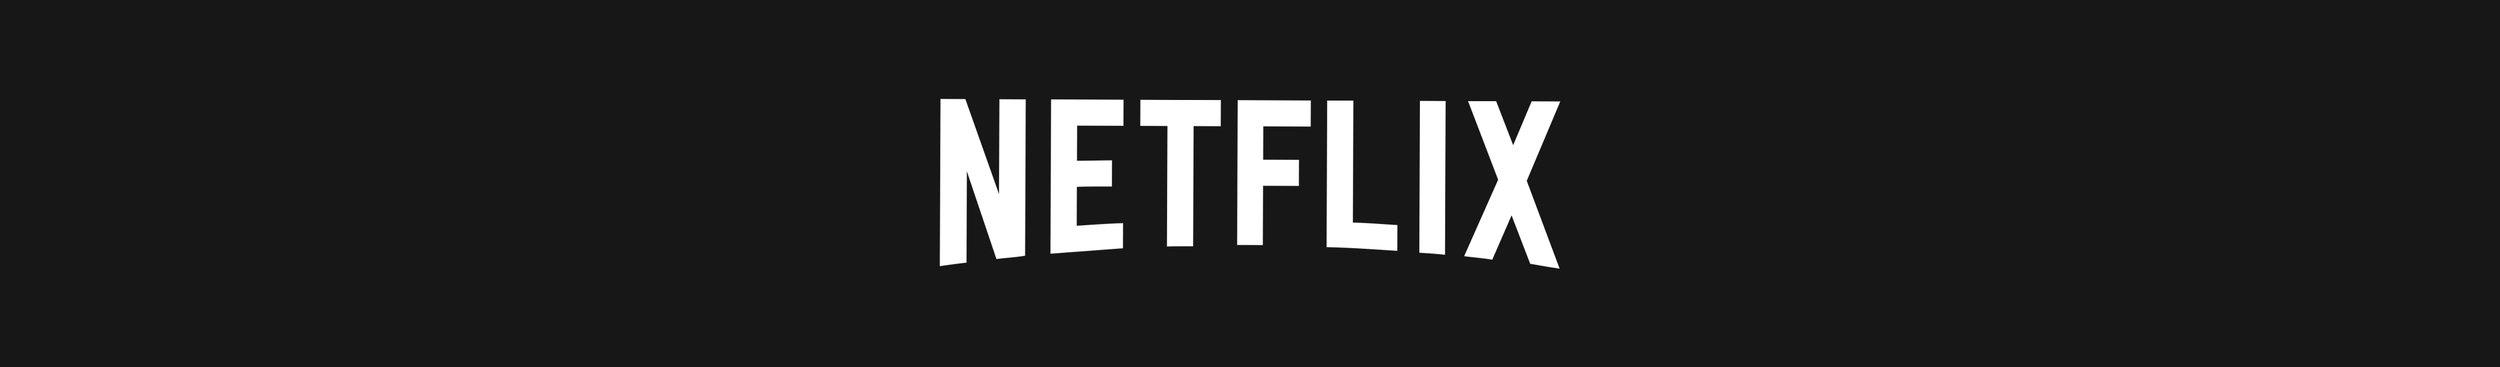 IntWebsite_Clients_White_Netflix_02.jpg